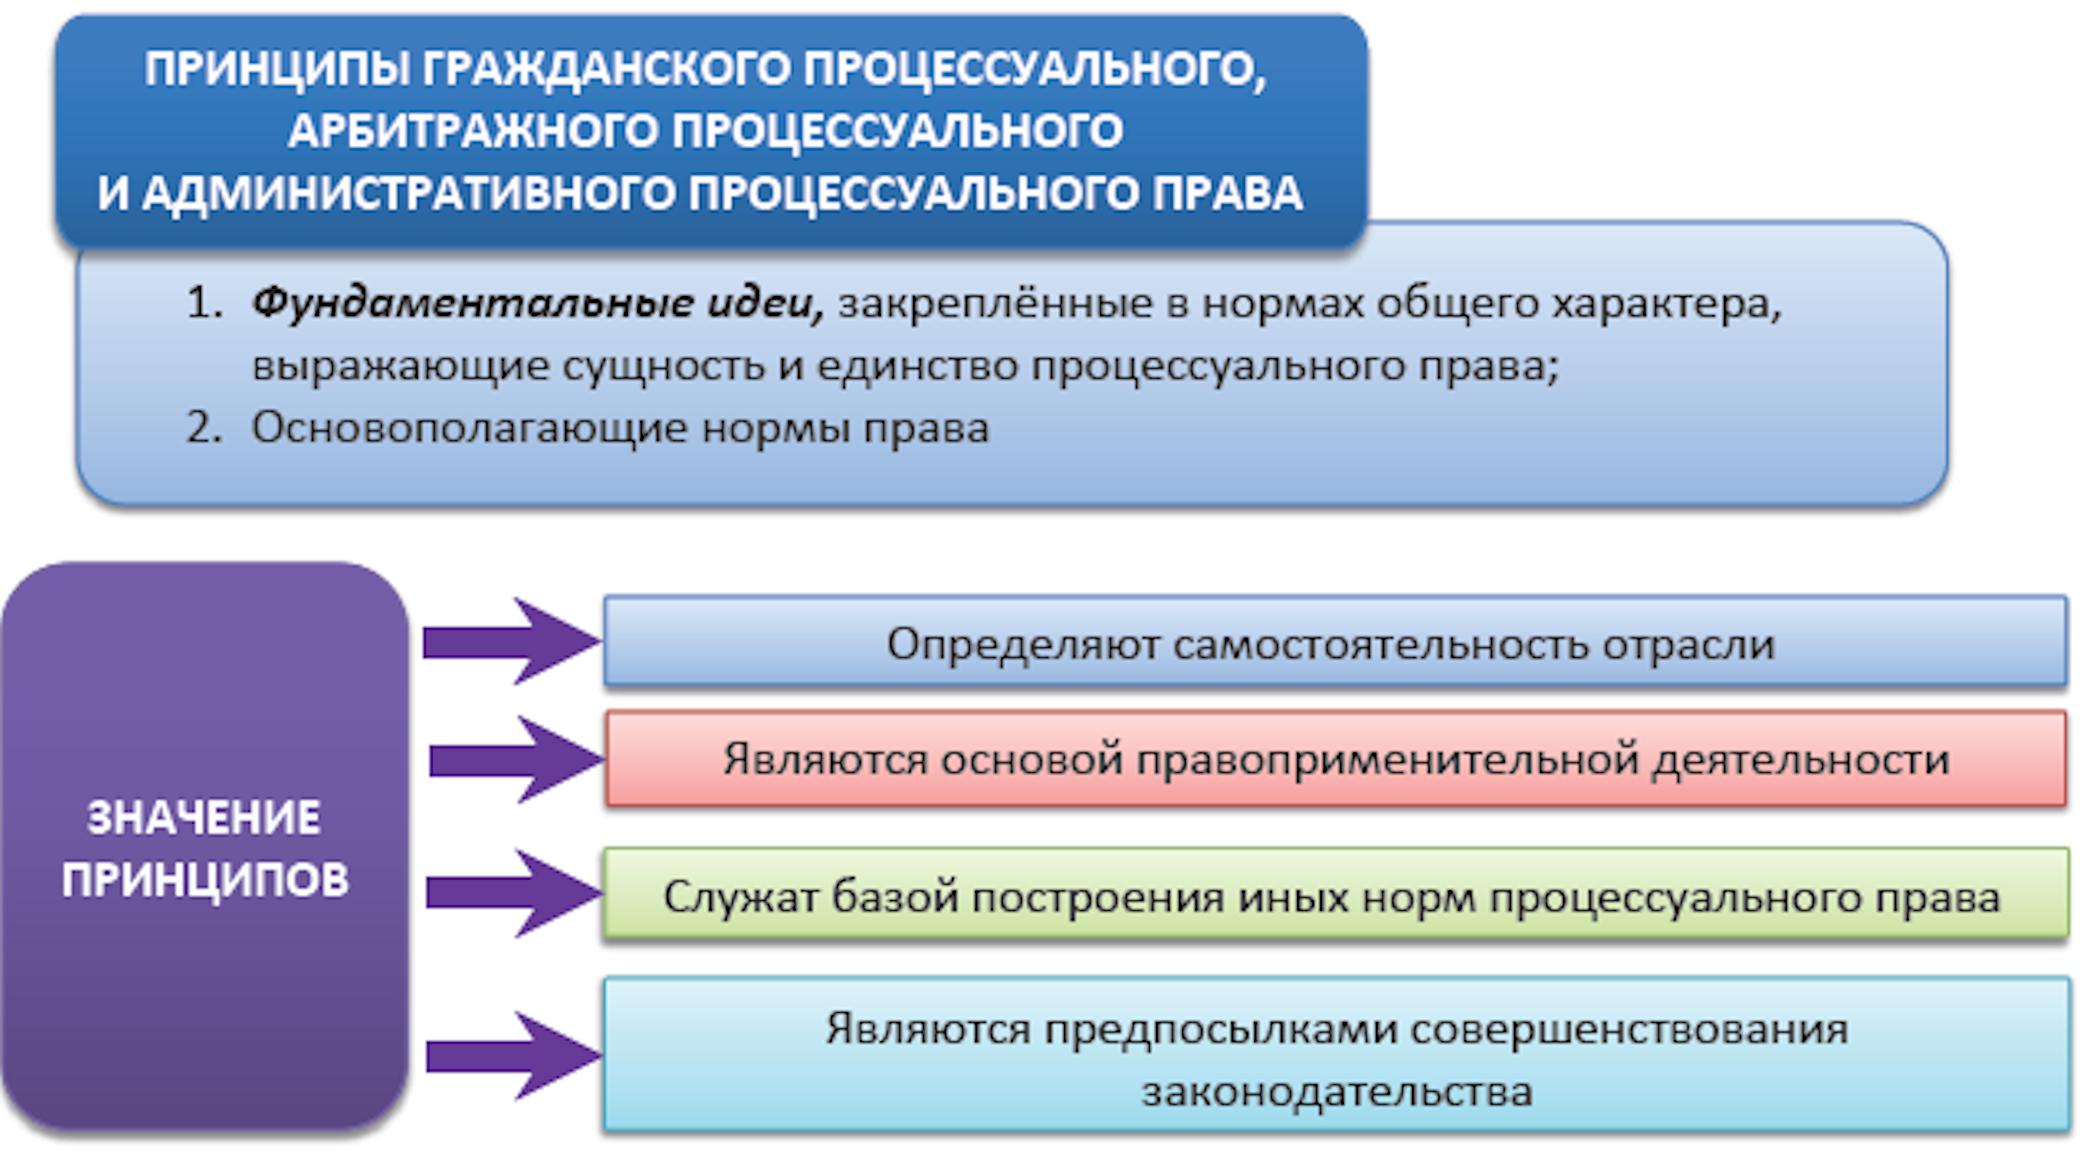 Арбитражный процесс в схемах фото 578